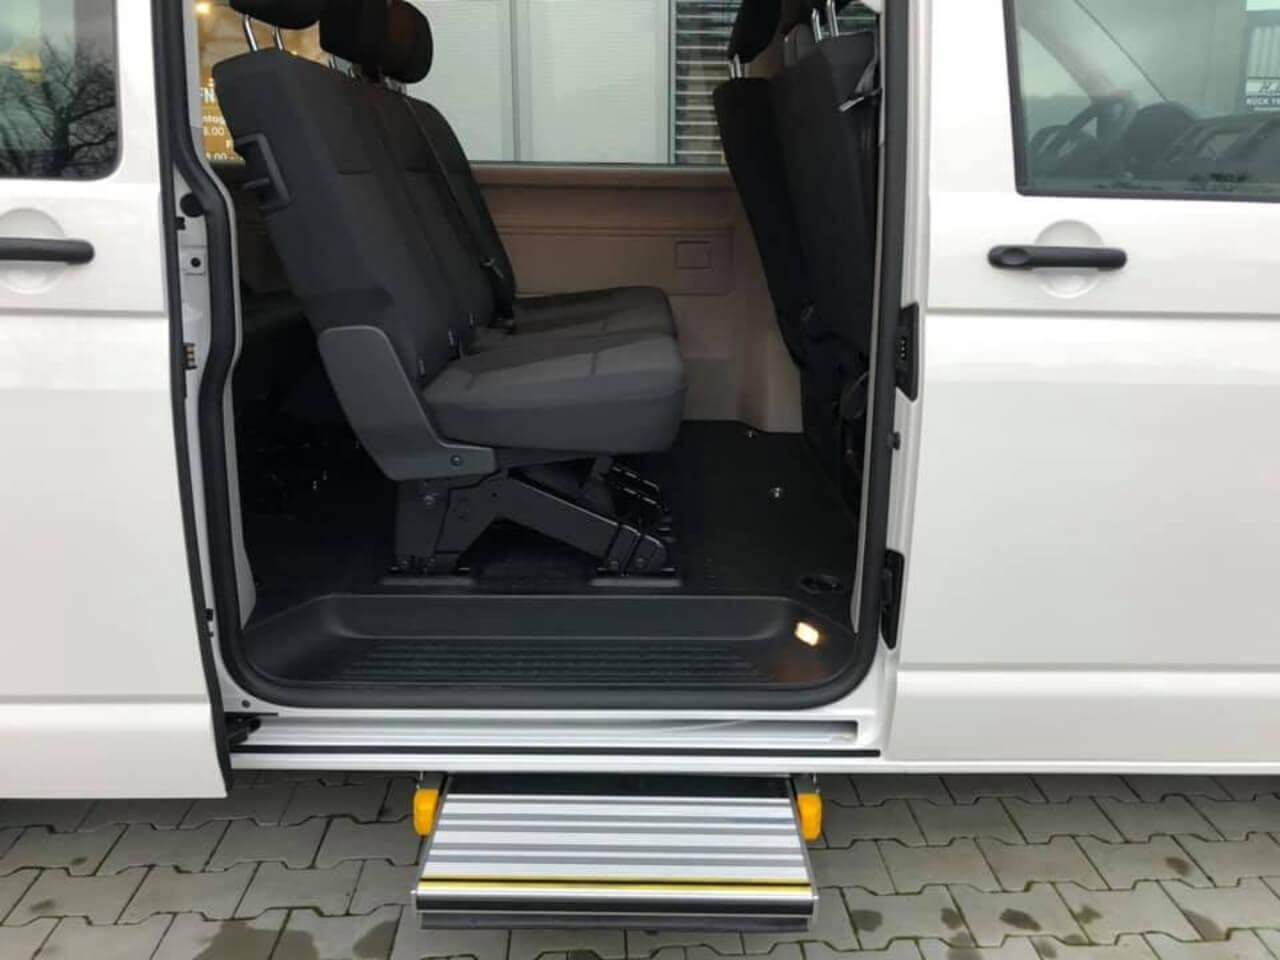 Behindertengerechtes Umbau - VW Bus t6 mit Linearlift für Rollstuhlfahrer - Fricke Behindertengerechte Fahrzeuge (4)